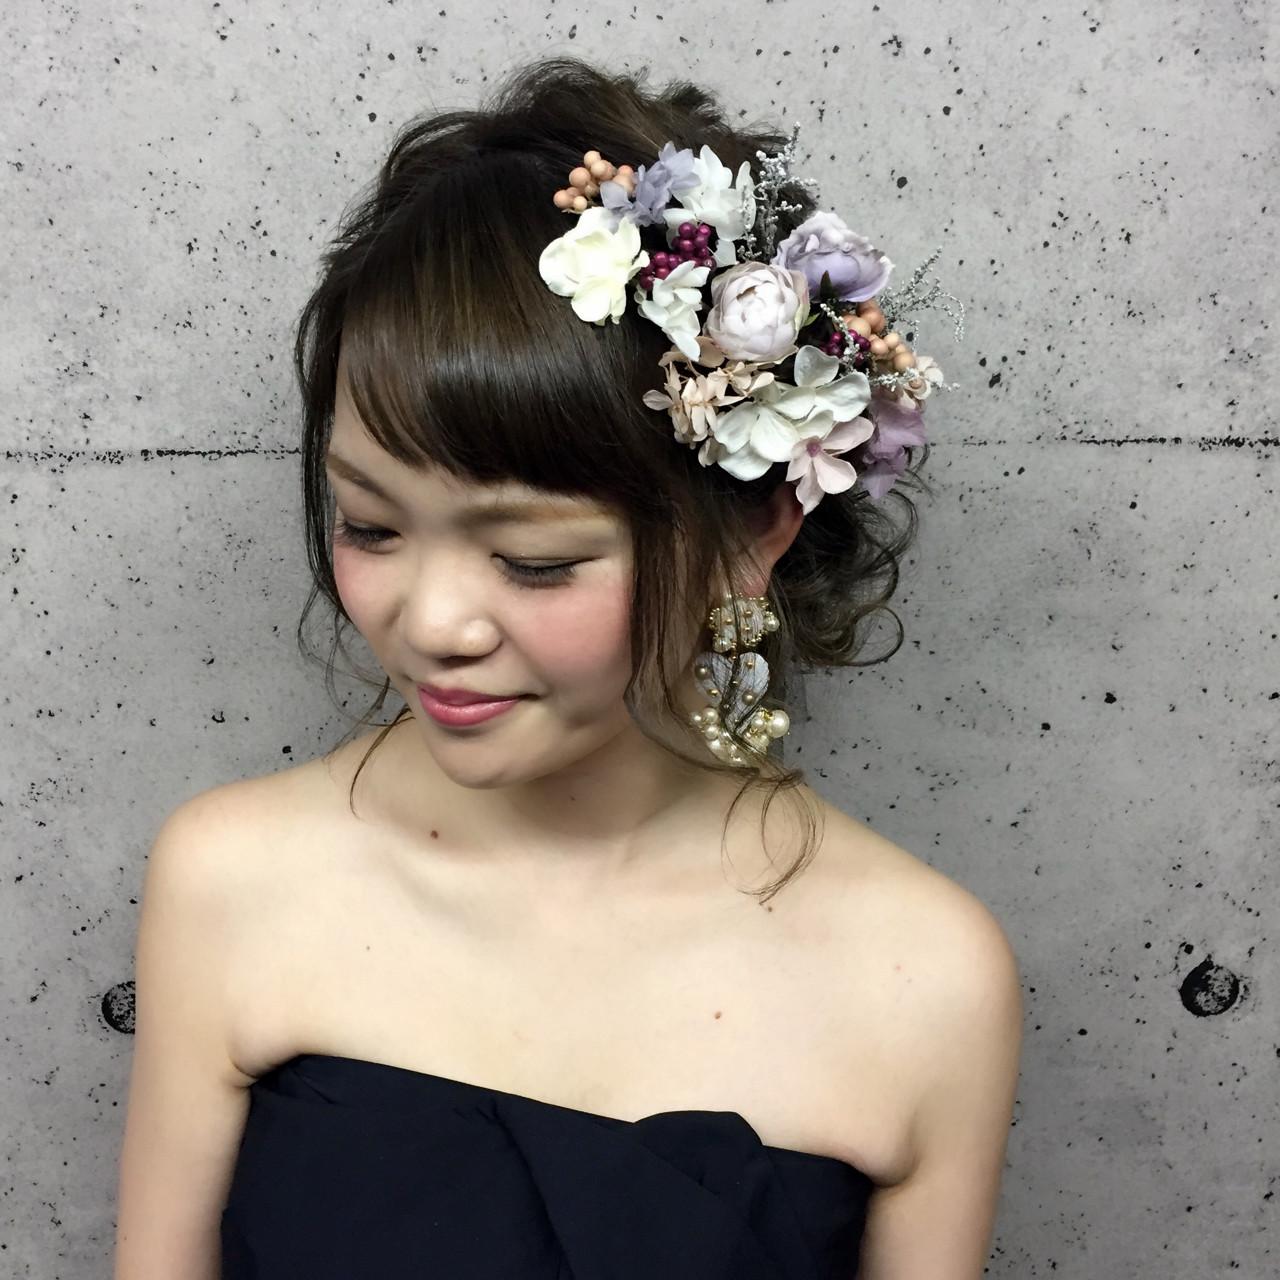 アップスタイル フェミニン ミディアム ヘアアレンジ ヘアスタイルや髪型の写真・画像 | 横川 美穂 / G-GIRL